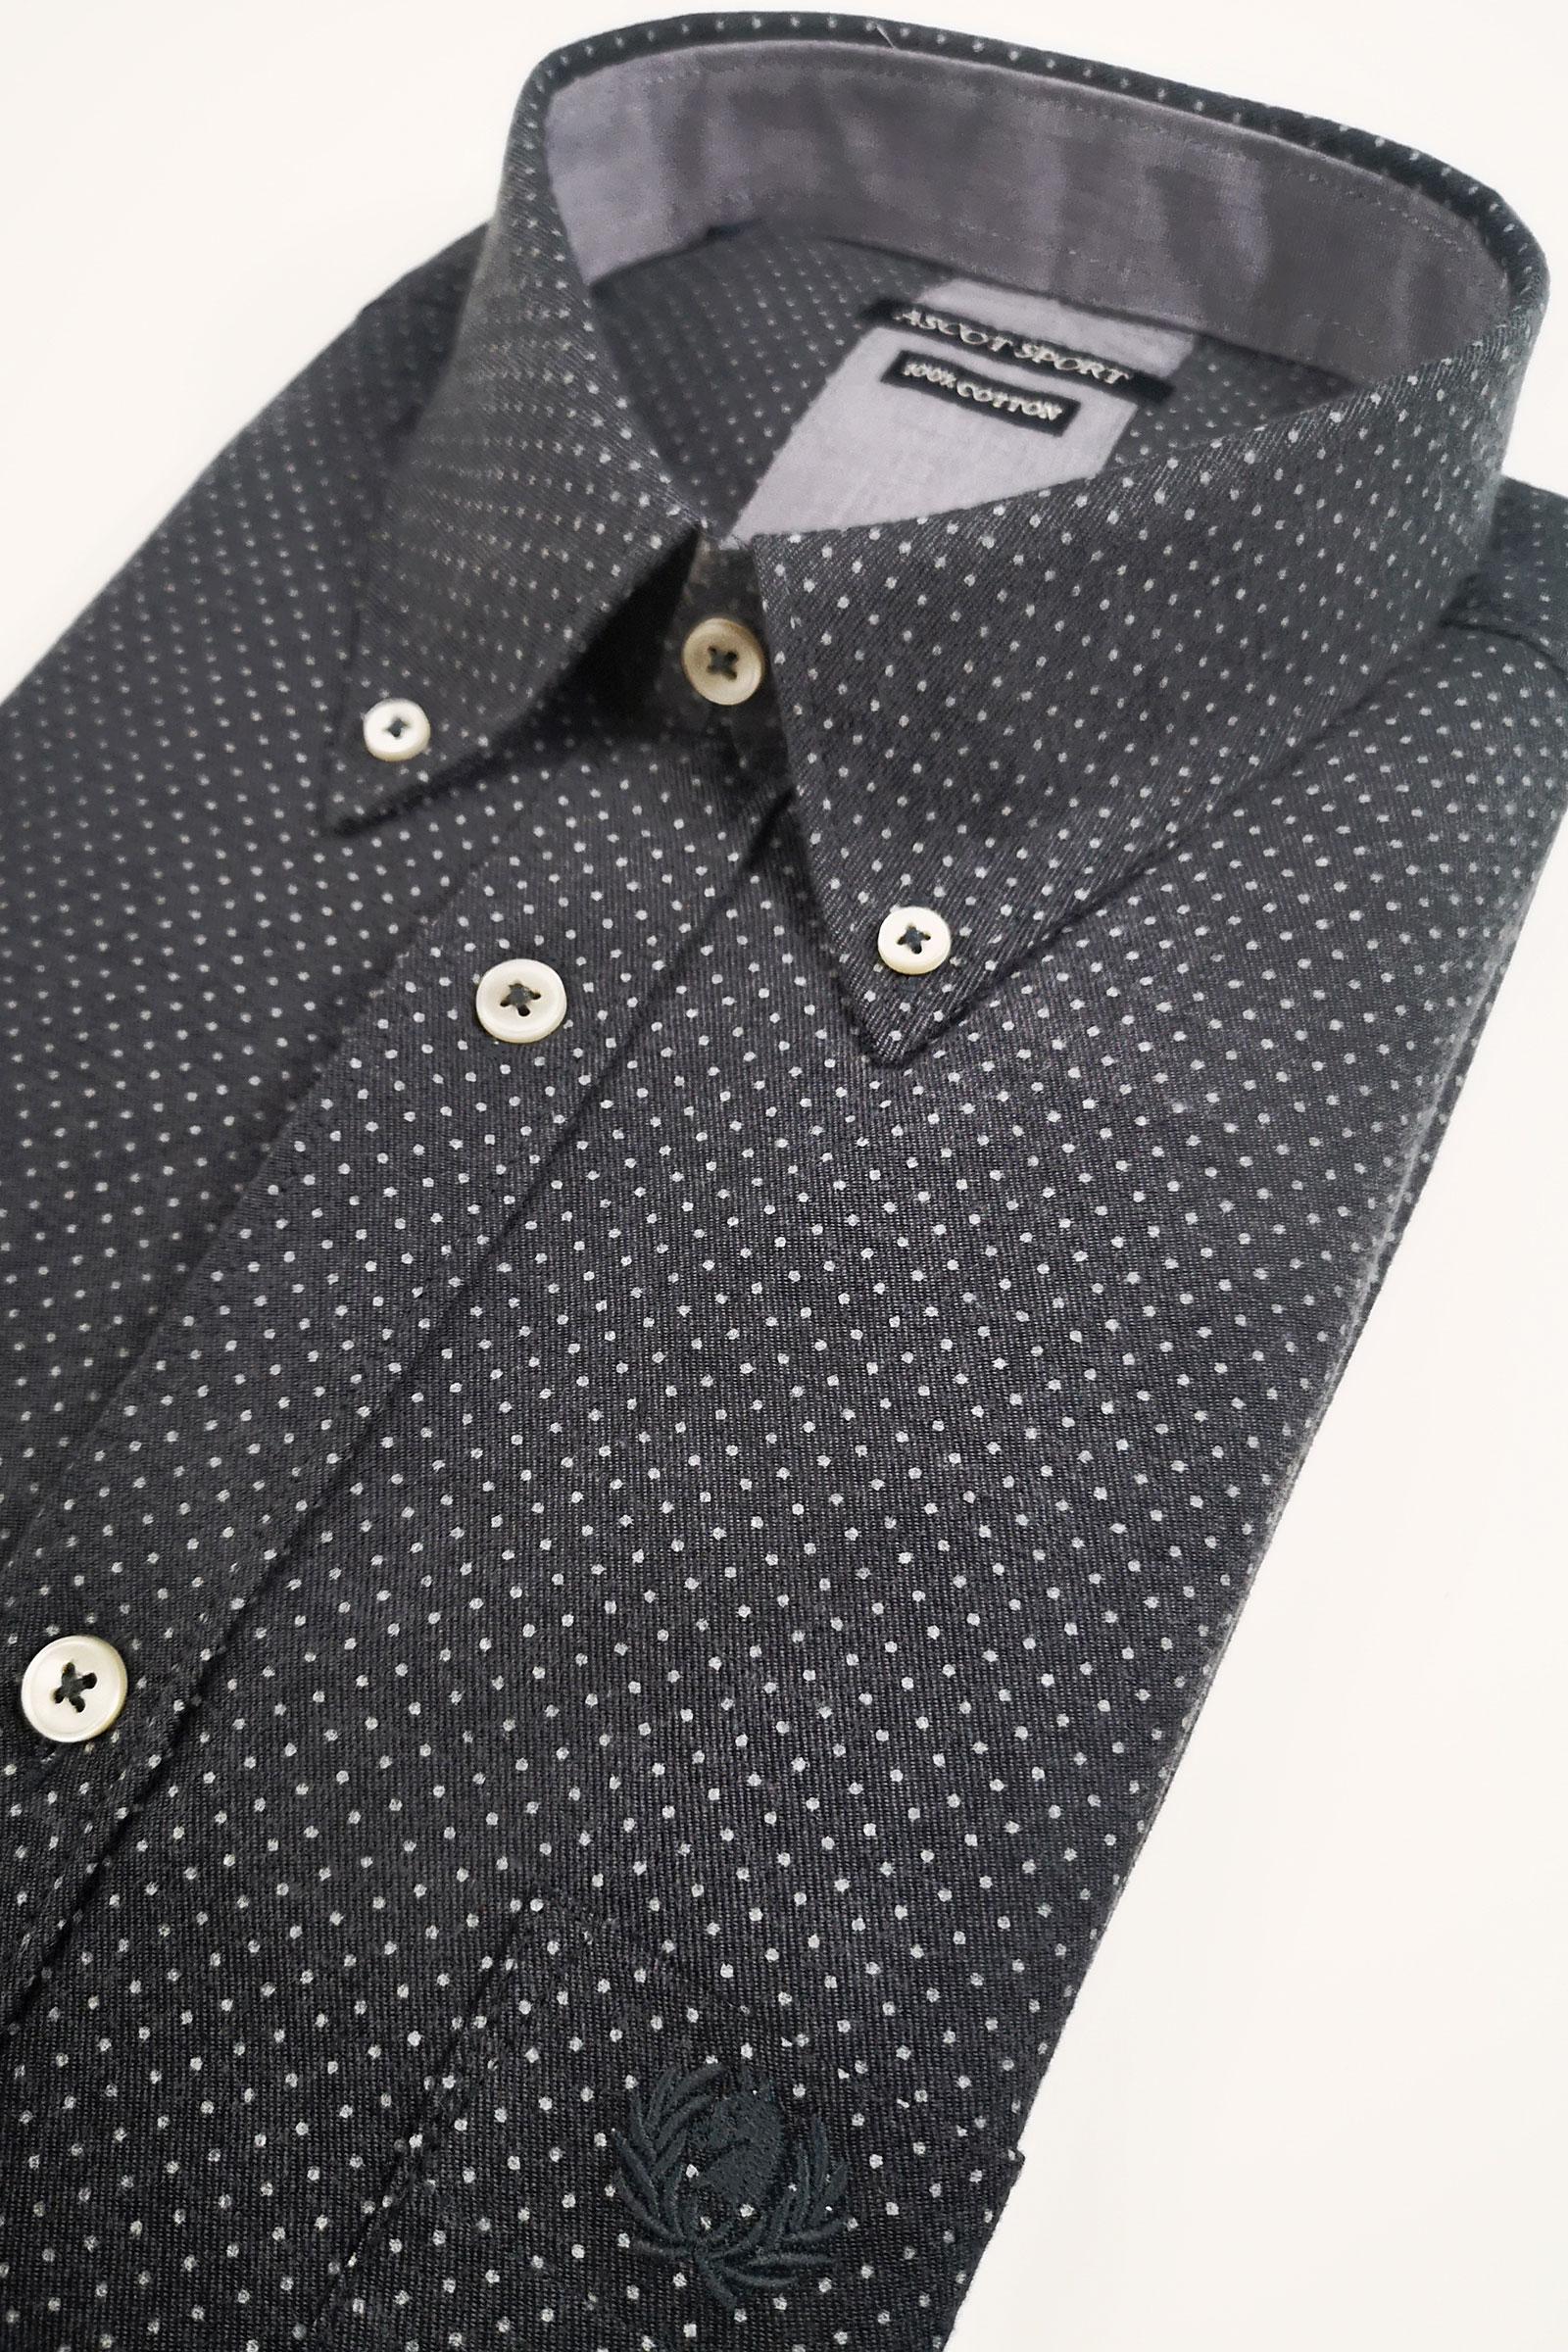 ASCOT Men's Shirt ASCOT | Shirt | 15885-20411